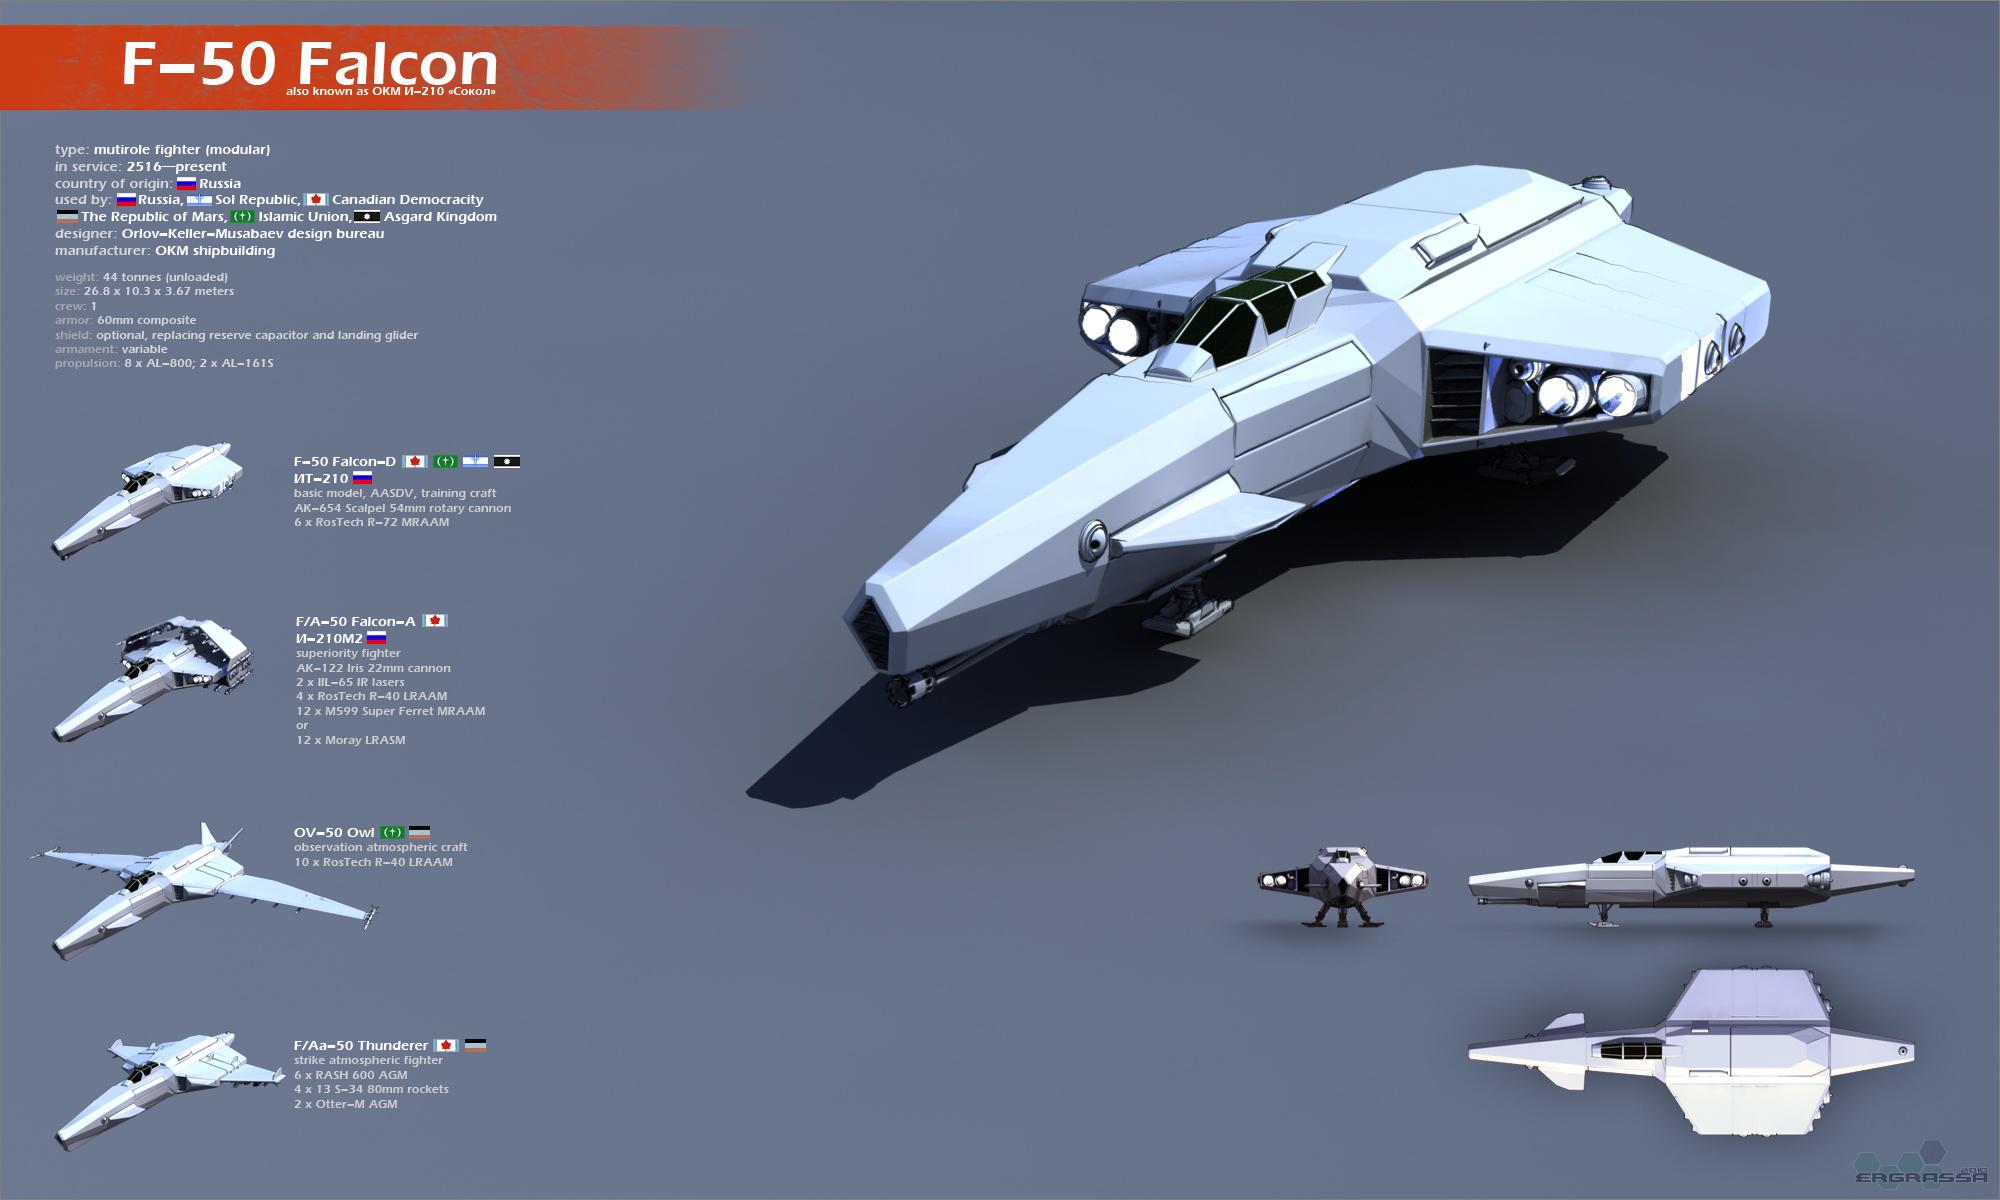 F-50 Falcon by Ergrassa